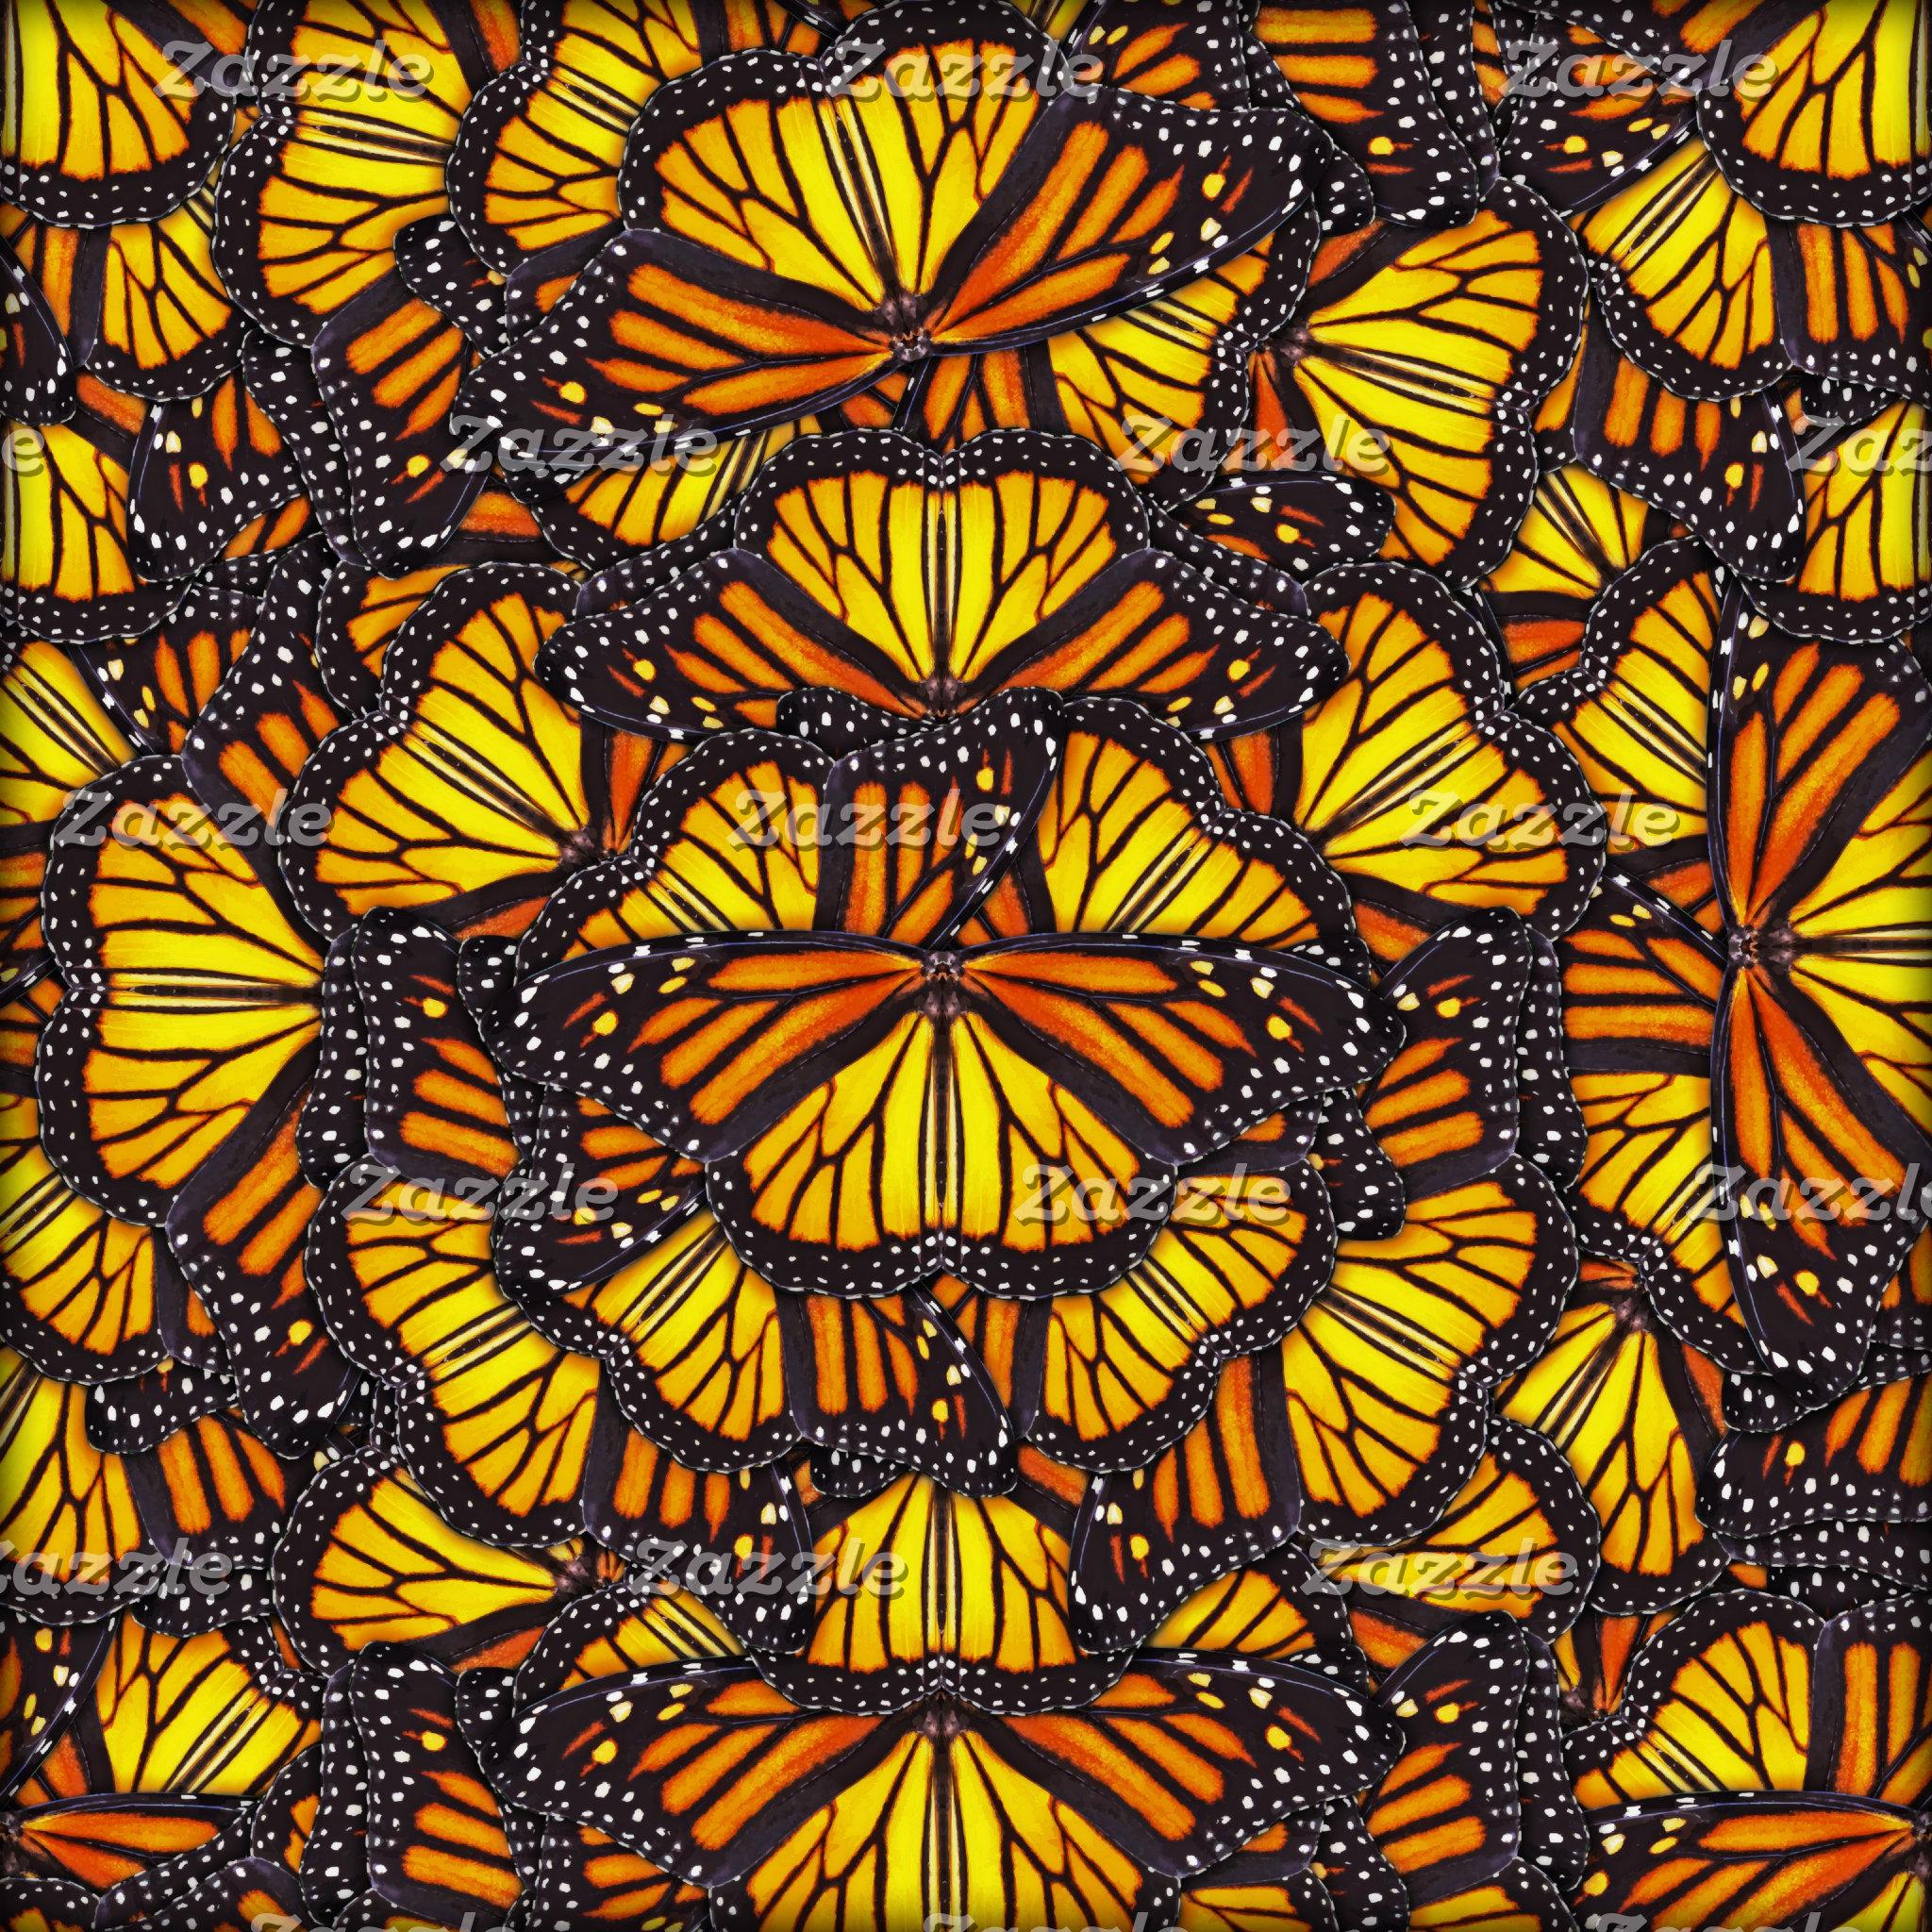 Effie's Butterflies